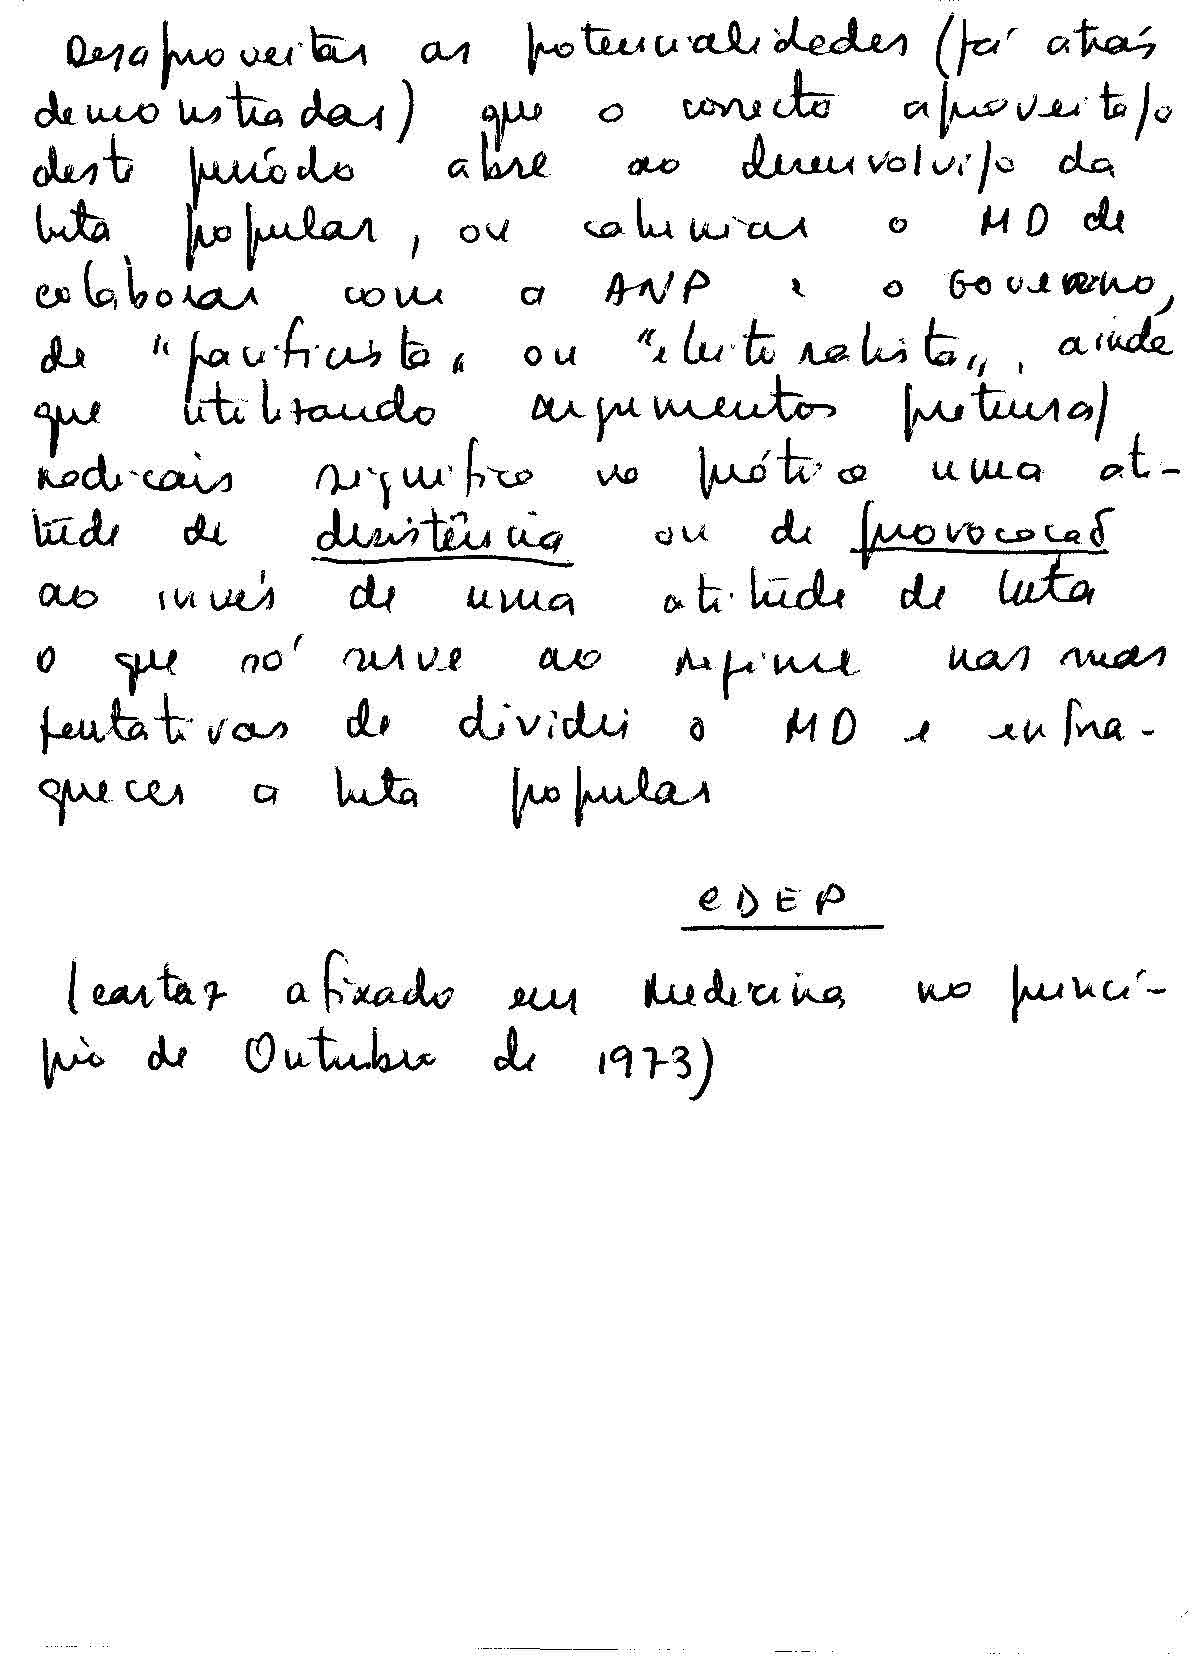 CDEP Cartaz (3)